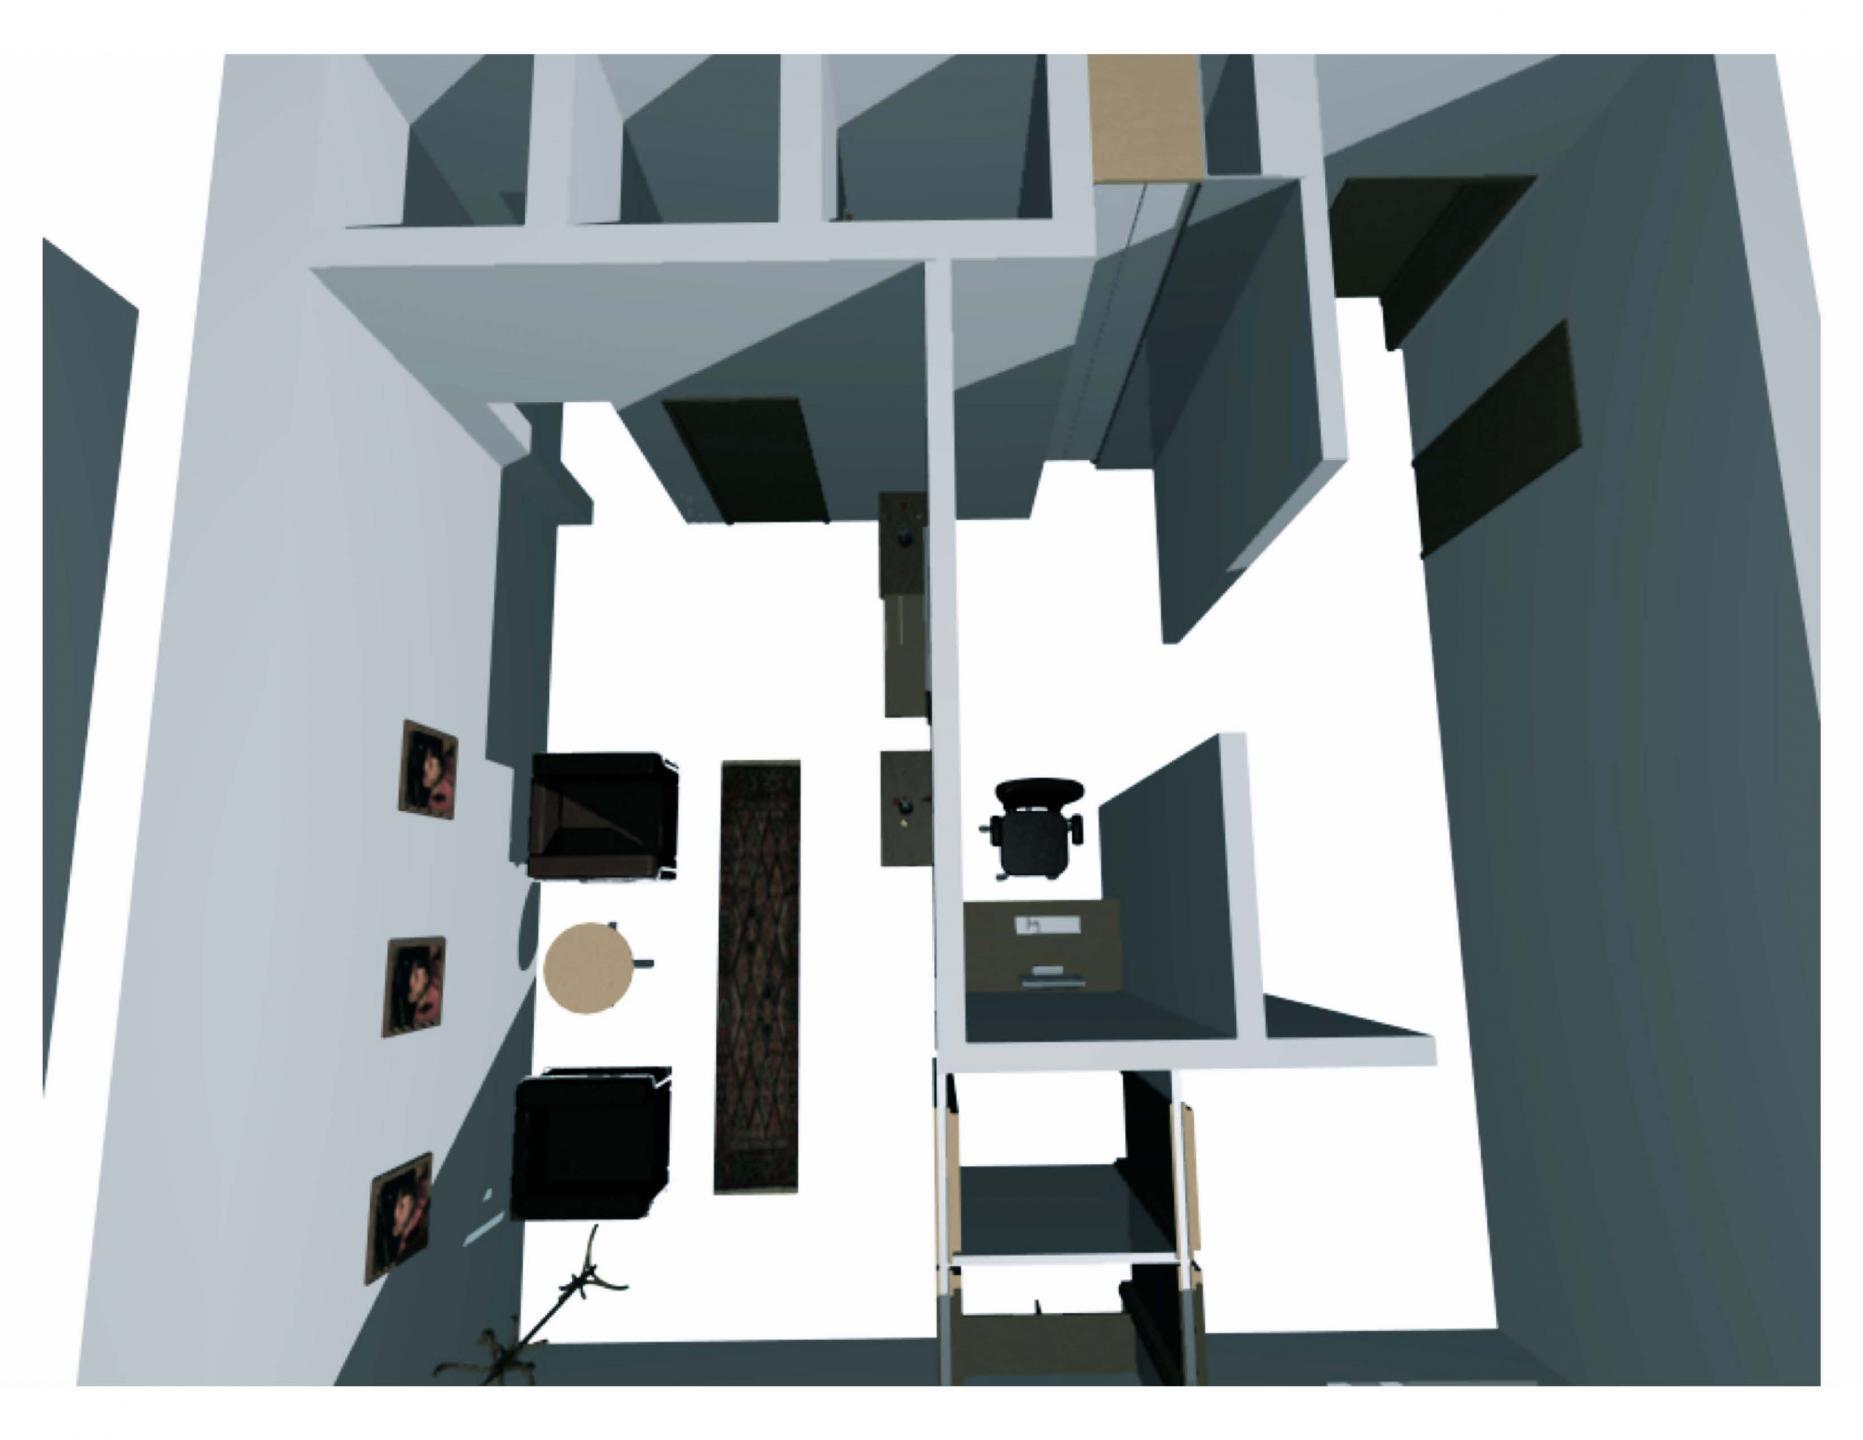 Javne zgradbe_predlog preureditve ordinacije